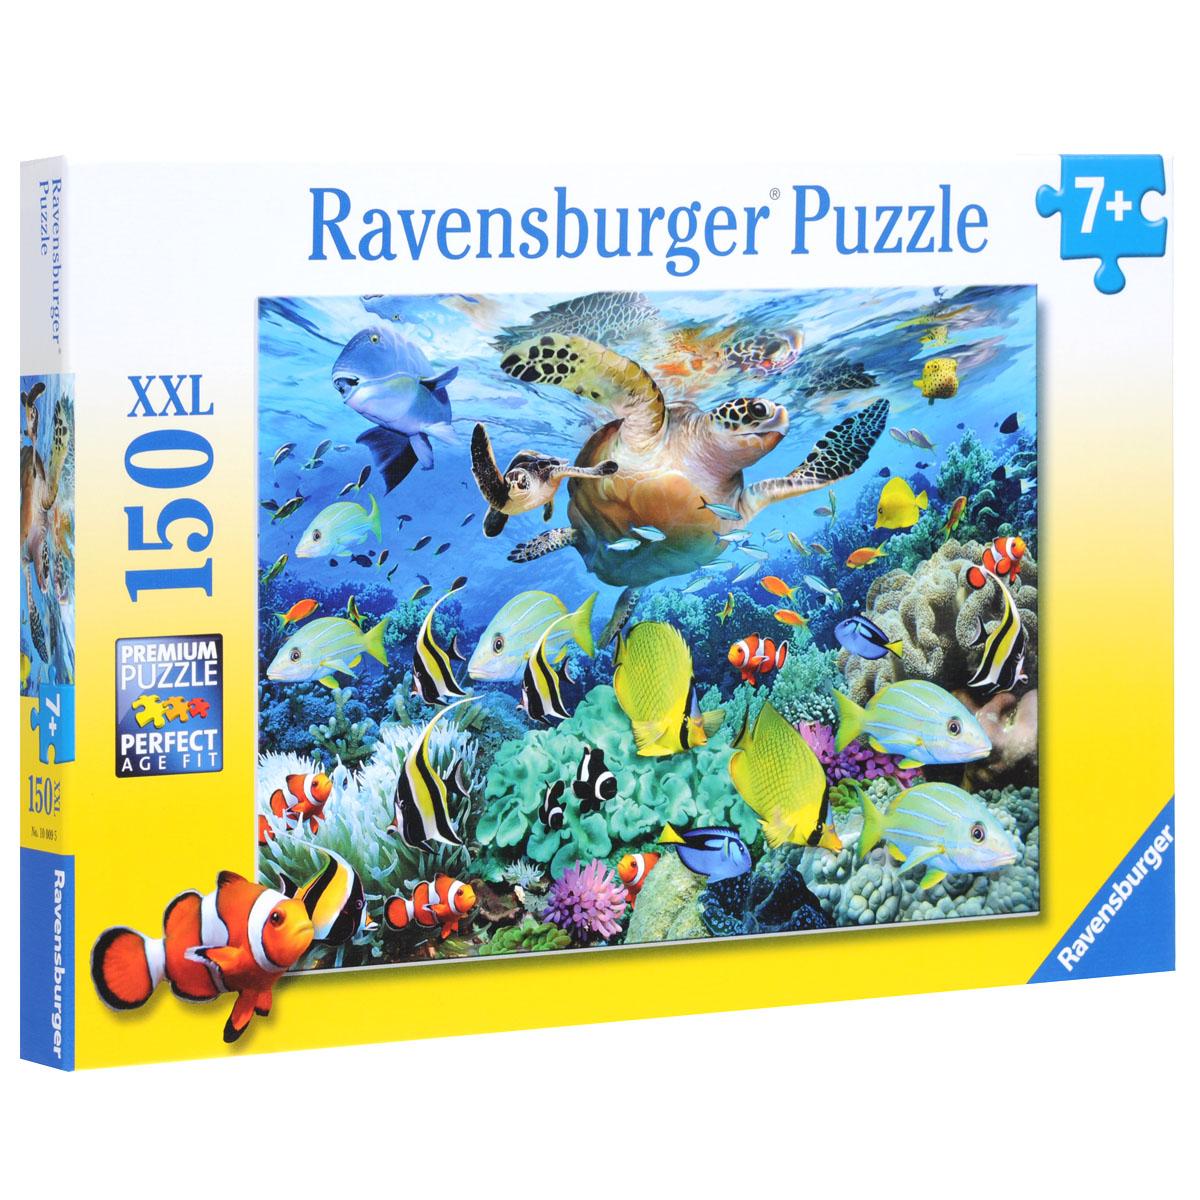 Ravensburger Коралловый риф. Пазл XXL, 150 элементов10009Пазл XXL Ravensburger Коралловый риф, без сомнения, придется по душе вам и вашему малышу. Собрав этот пазл, включающий в себя 150 крупных элементов, вы получите великолепную картину с изображением кораллового рифа, поражающего своей необычайной красотой. На картинке изображена насыщенная жизнь кораллового рифа, с его рыбками, водорослями и черепахами. Каждая деталь имеет свою форму и подходит только на своё место. Нет двух одинаковых деталей! Пазл изготовлен из картона высочайшего качества. Все изображения аккуратно отсканированы и напечатаны на ламинированной бумаге. Пазл - великолепная игра для семейного досуга. Сегодня собирание пазлов стало особенно популярным, главным образом, благодаря своей многообразной тематике, способной удовлетворить самый взыскательный вкус. А для детей это не только интересно, но и полезно. Собирание пазла развивает мелкую моторику у ребенка, тренирует наблюдательность, логическое мышление, знакомит с окружающим миром, с цветом и ...